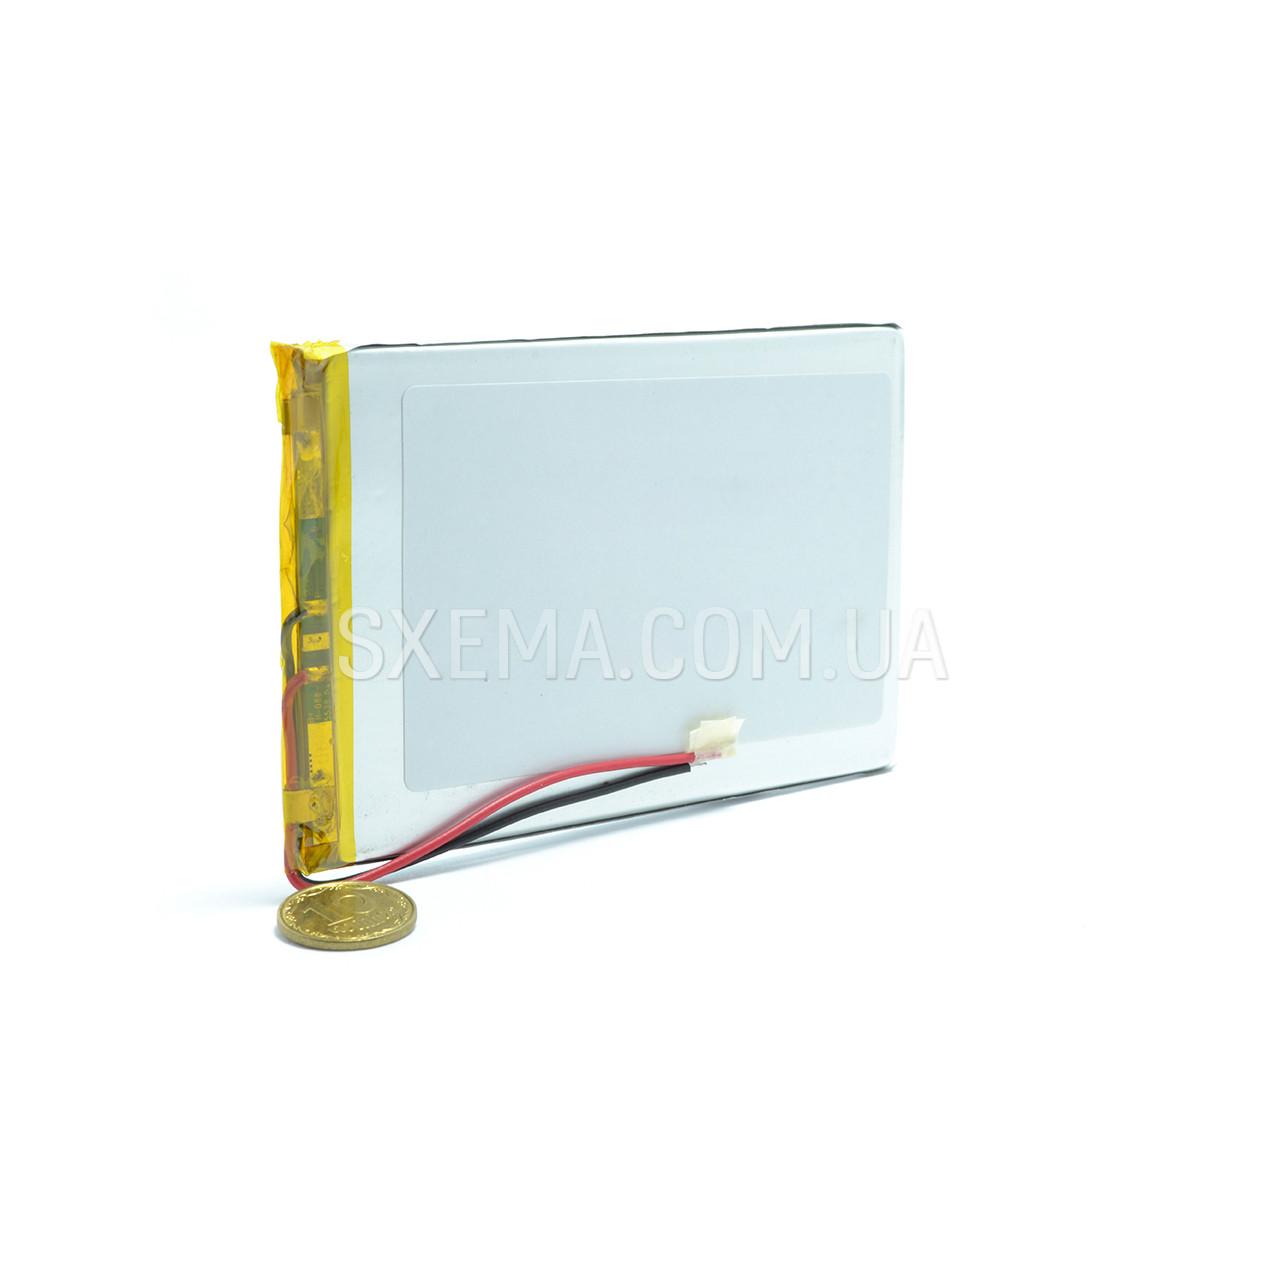 Акумулятор універсальний 046095 (Li-ion 3.7 В 3500мА·год), (95*60*4 мм)